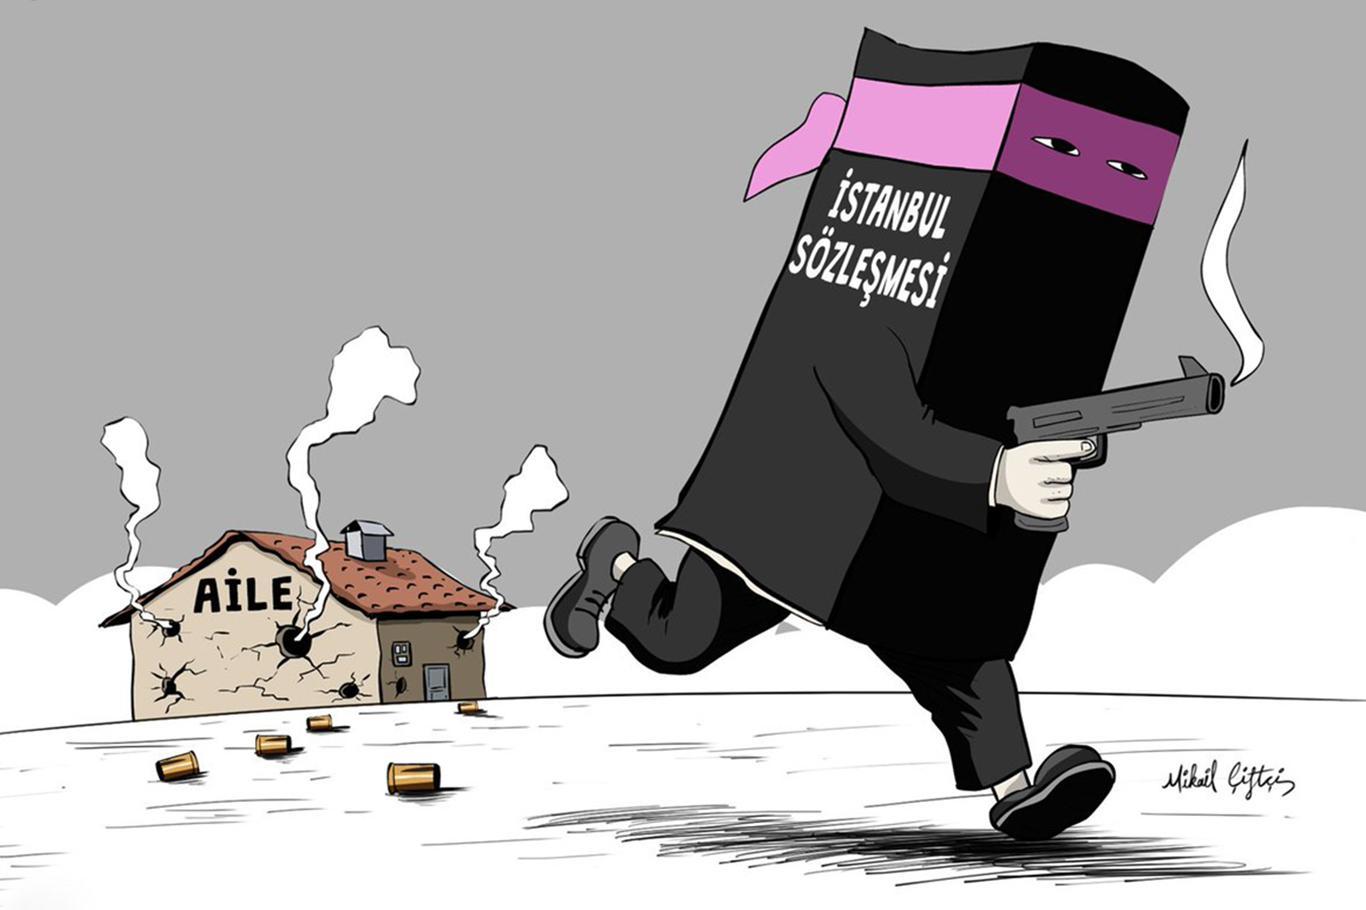 İstanbul Sözleşmesi ile kadına şiddet 4 kat arttı